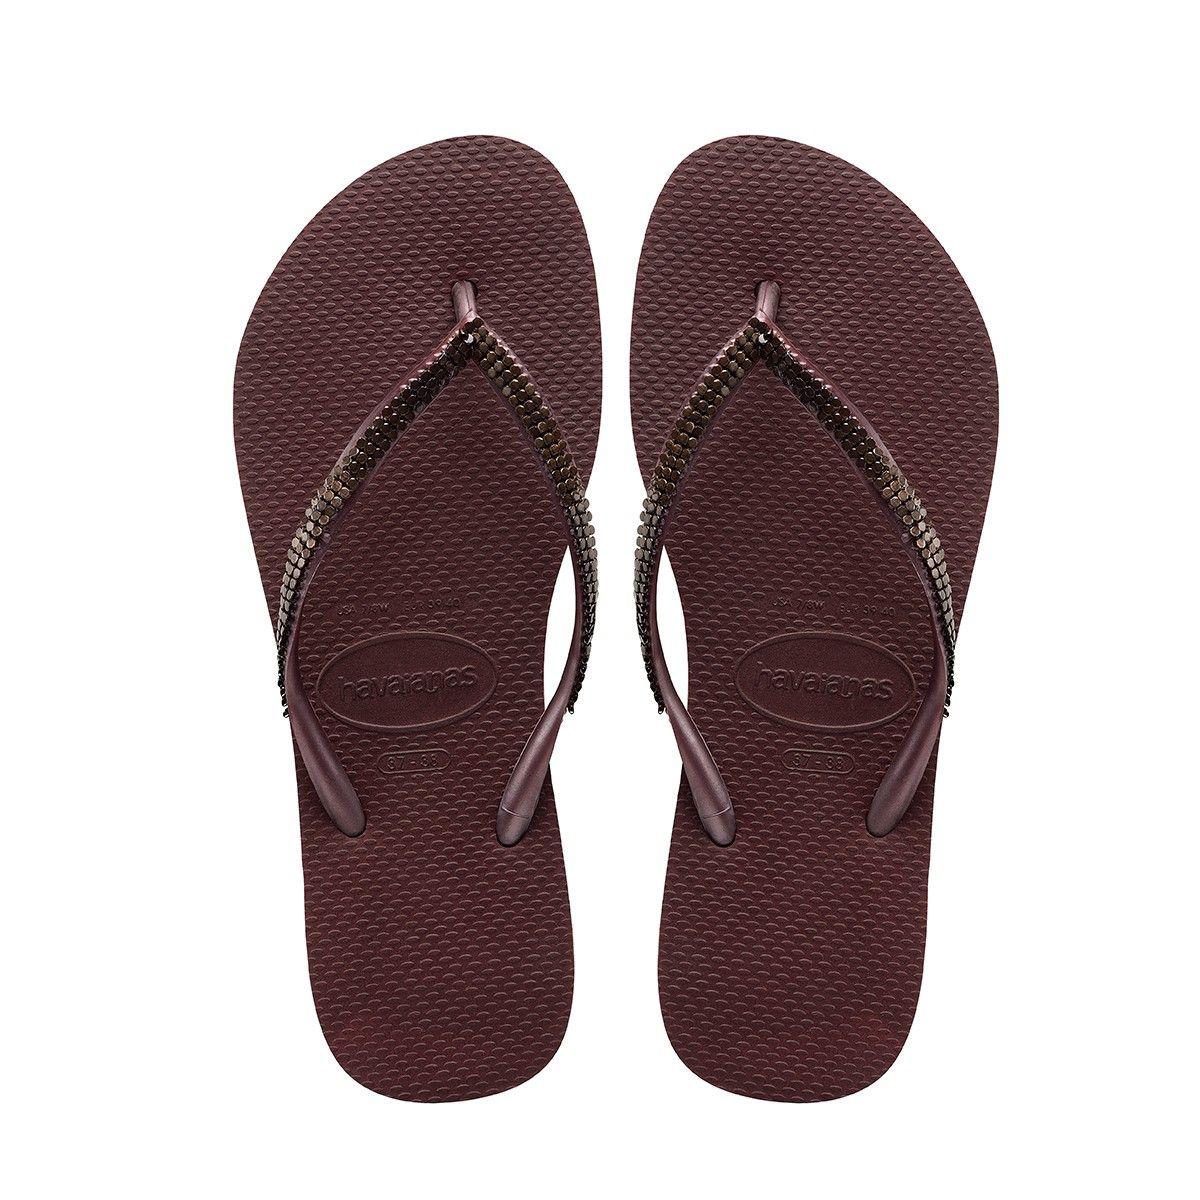 f60104c076f7 HAVAIANAS Slim Metal Mesh Sandal Grape Wine.  havaianas  shoes  all ...